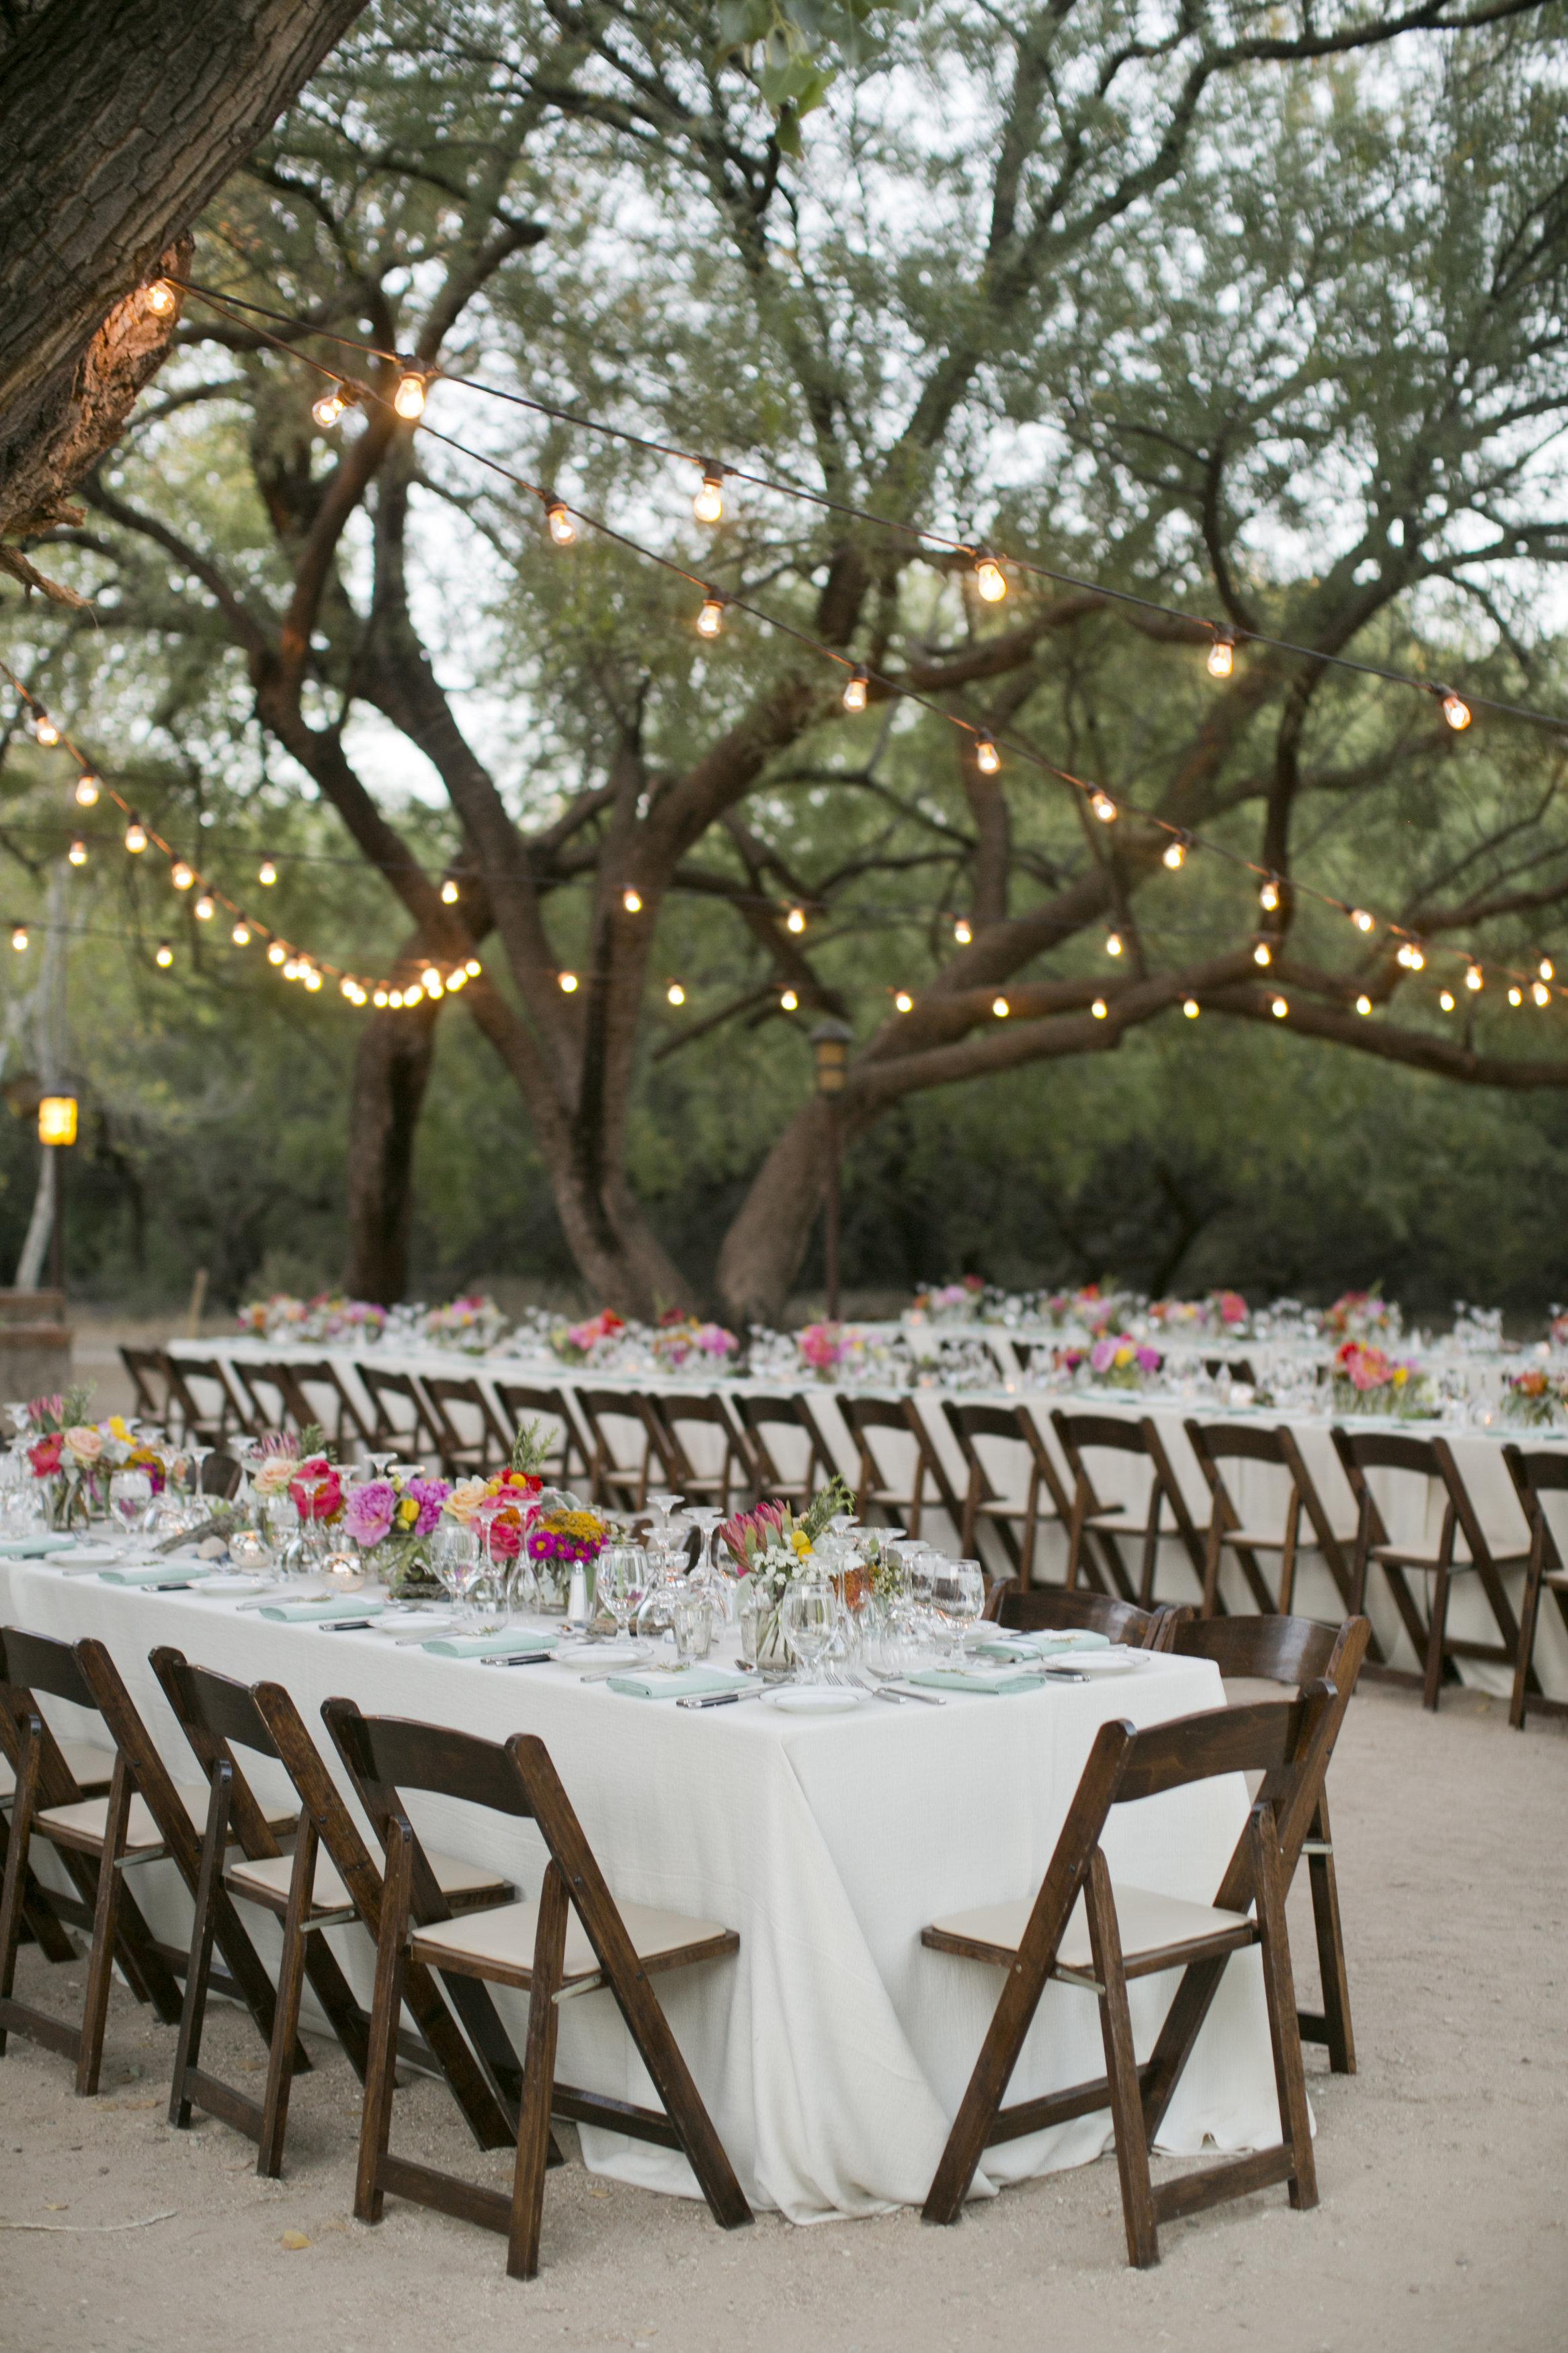 Ceci_New_York_Ceci_Style_Ceci_Johnson_Luxury_Lifestyle_Arizona_Wedding_Watercolor_Inspiration_Design_Custom_Couture_Personalized_Invitations_150.jpg